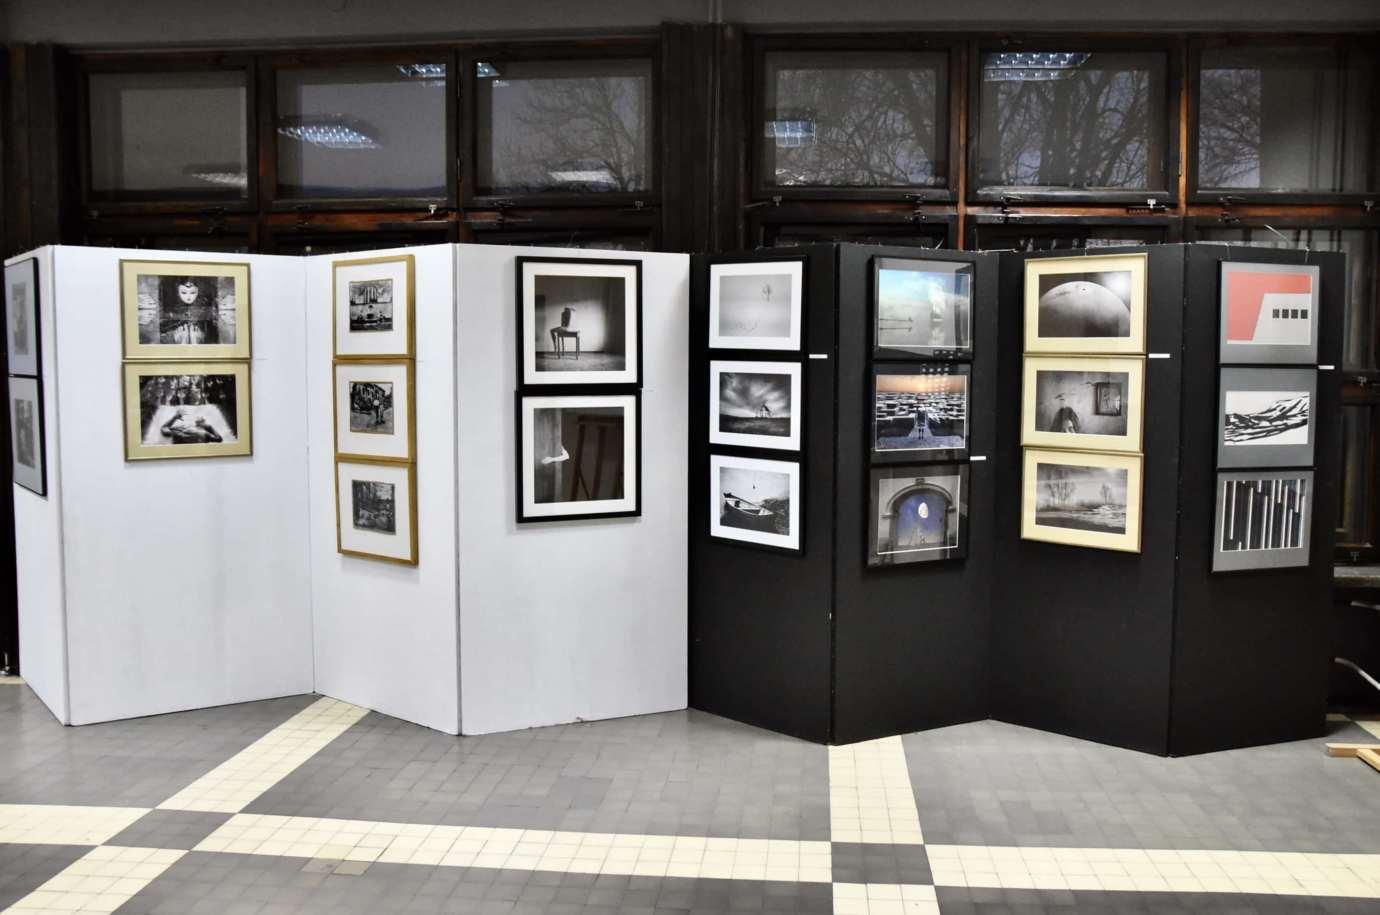 dsc 2564 Wystawa 66 limitowanych fotografii do zobaczenia w ZDK (zdjęcia)